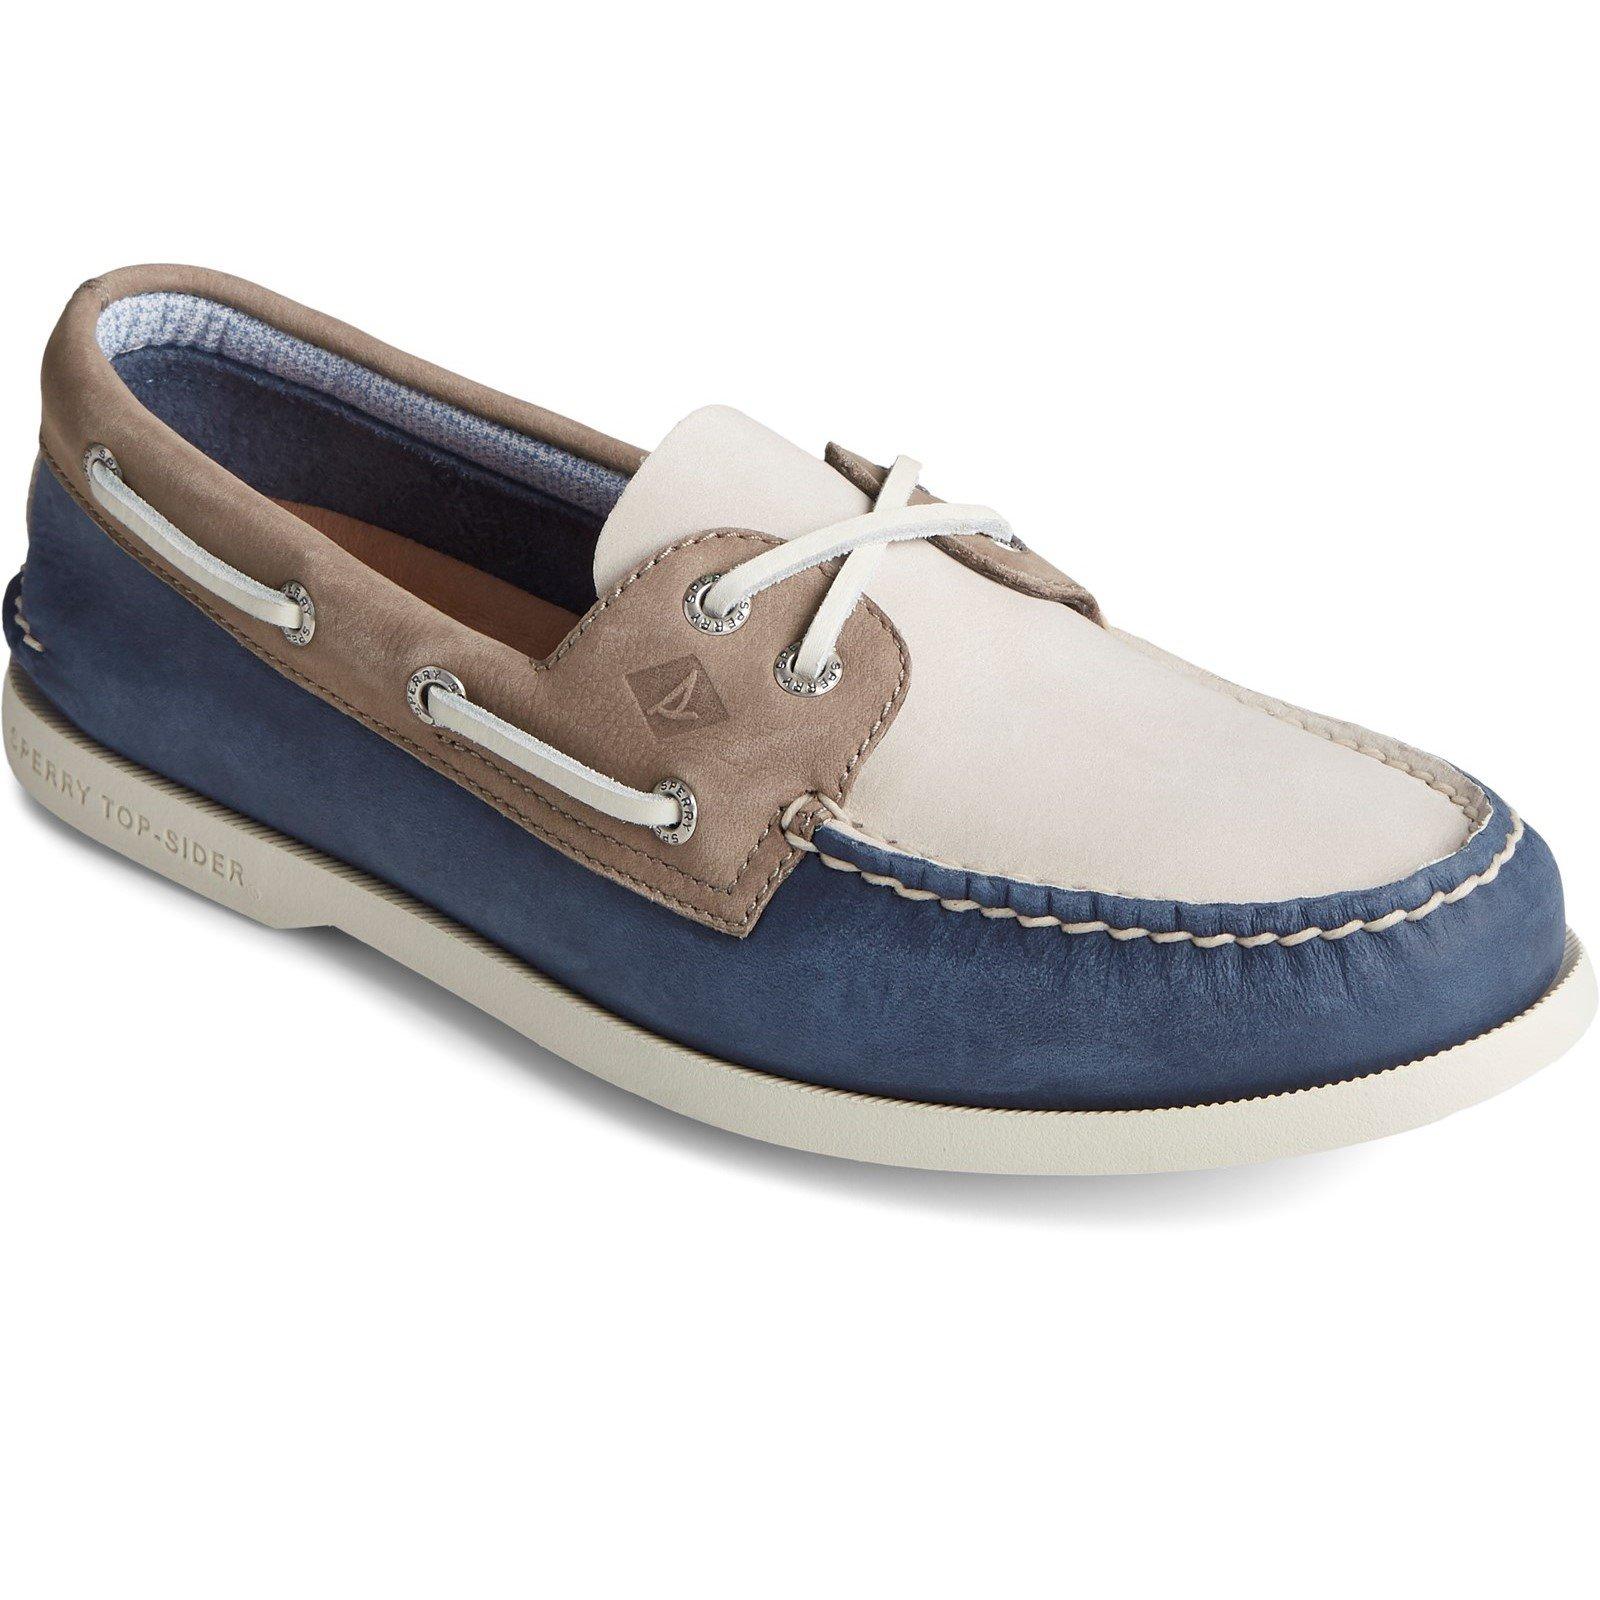 Sperry Men's Authentic Original PLUSHWAVE Boat Shoe Various Colours 31525 - Multicoloured 12